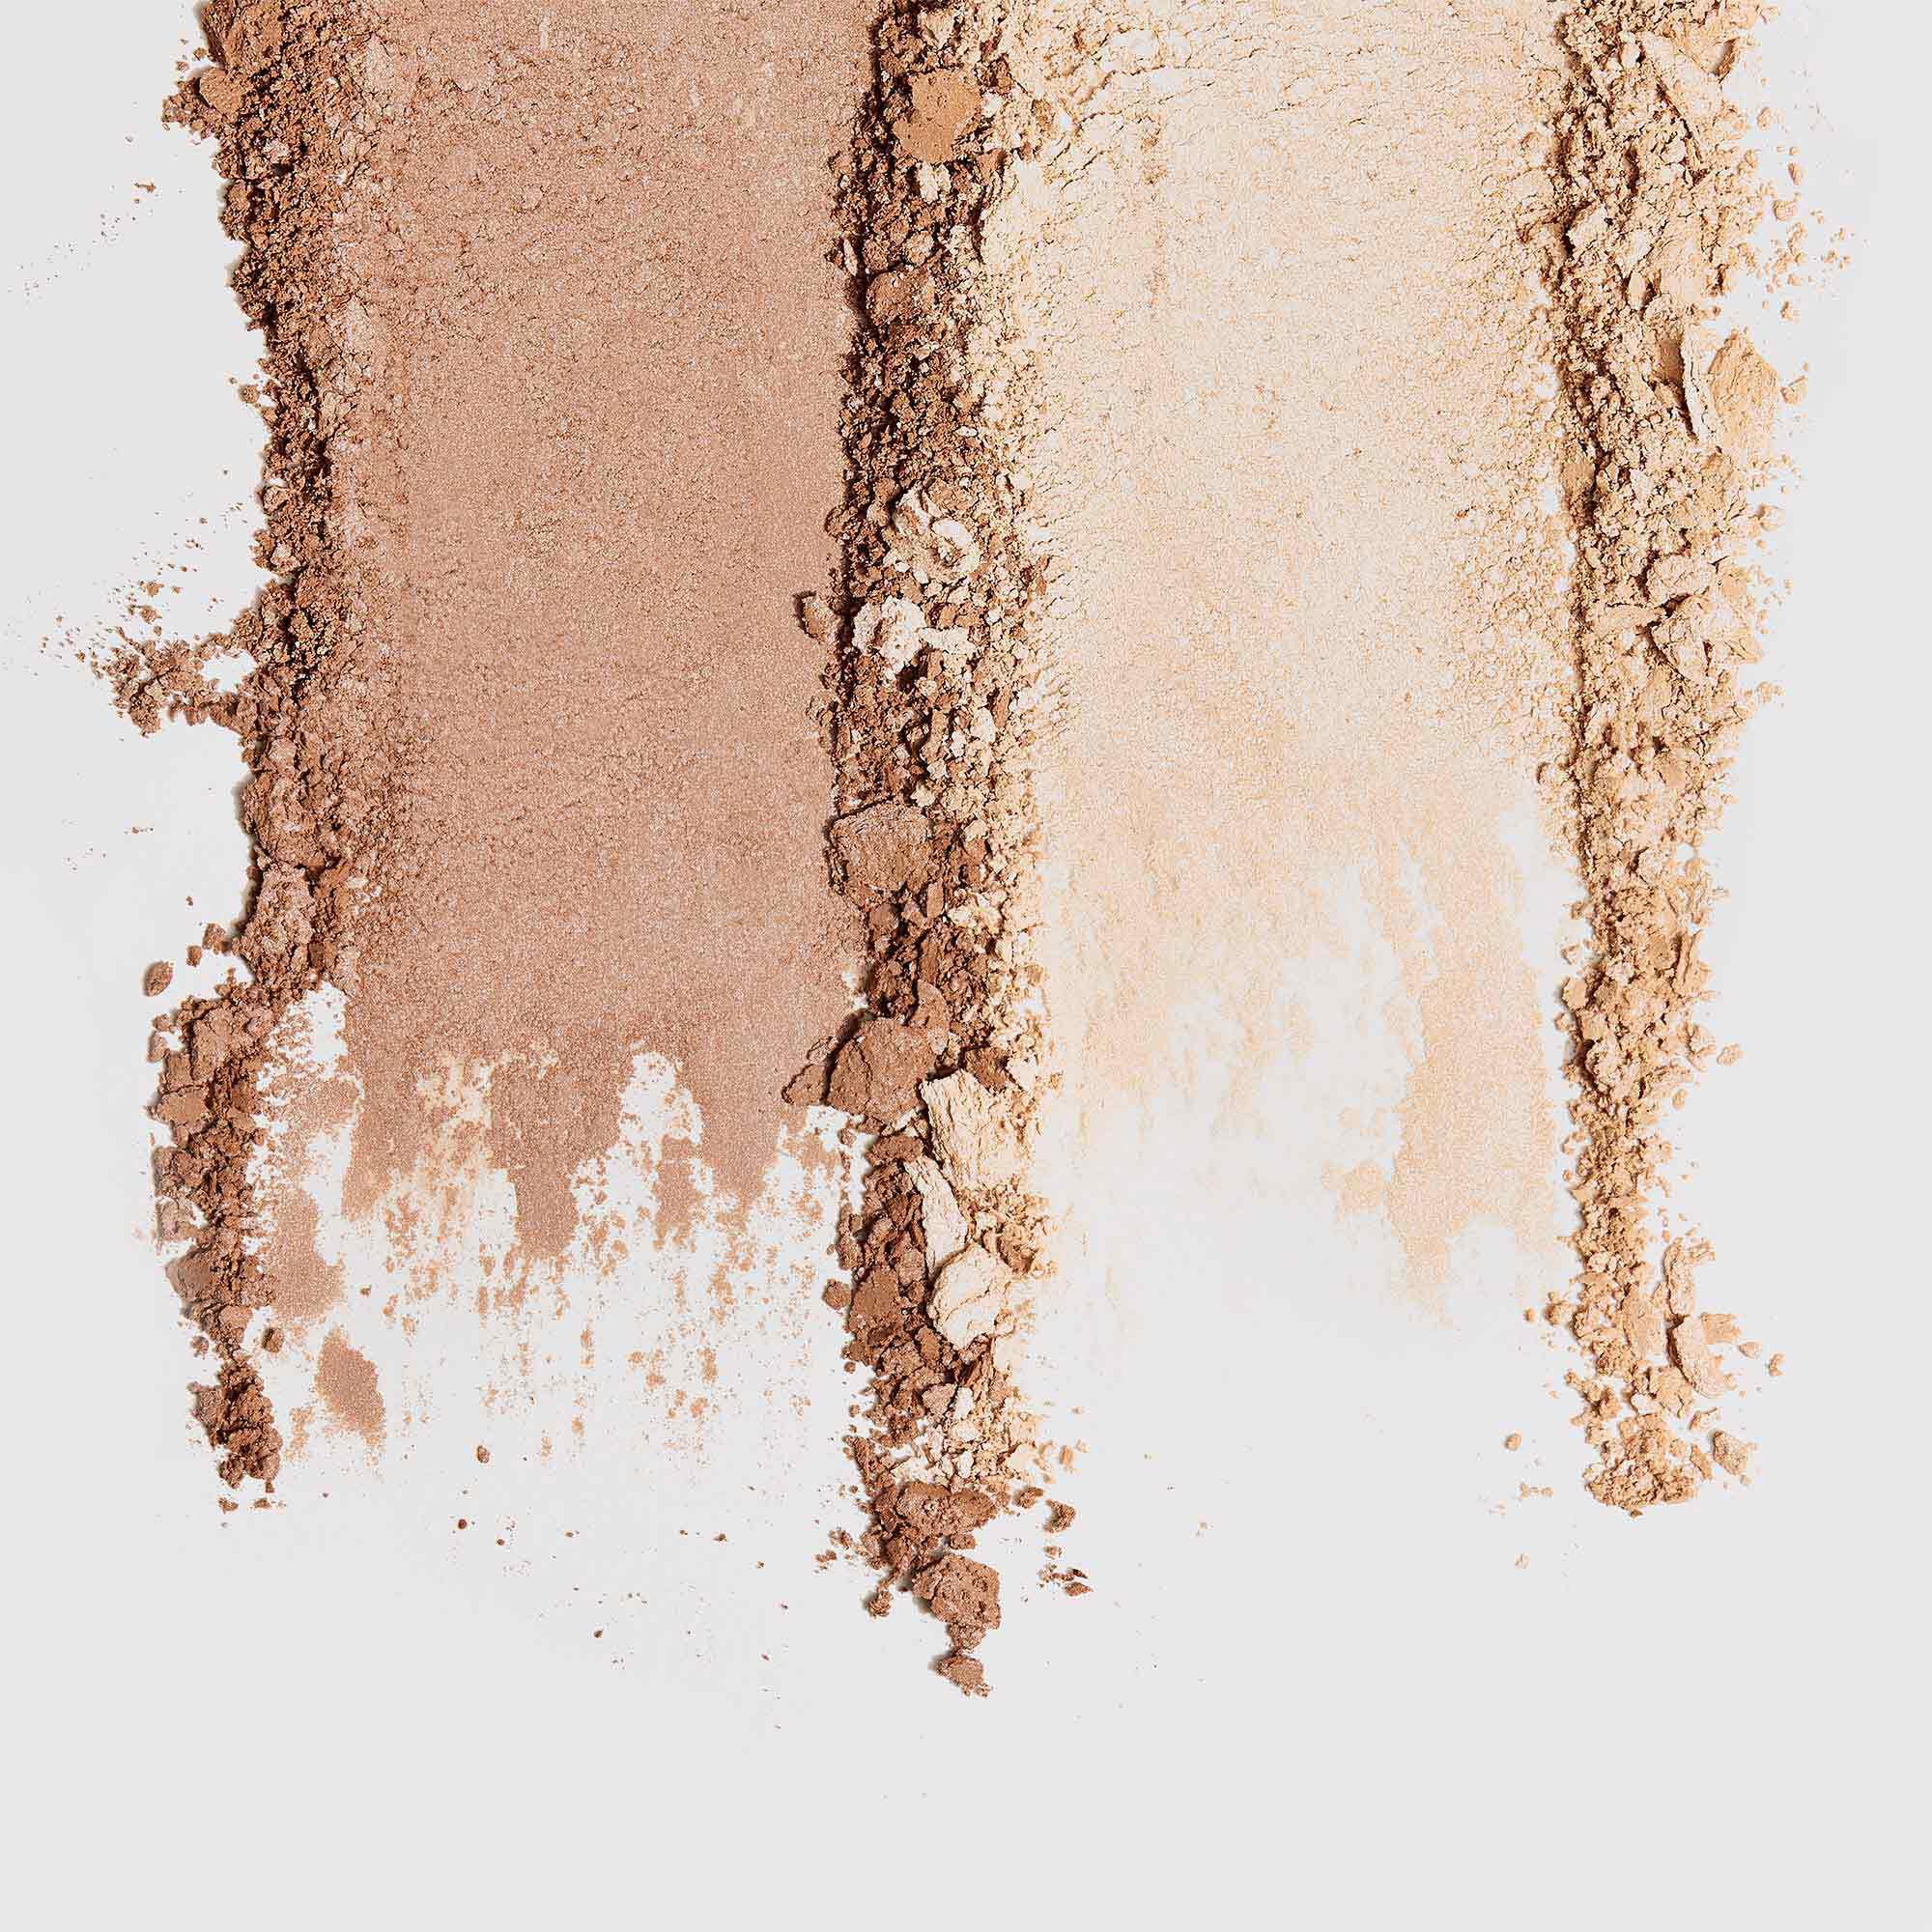 smears of powder